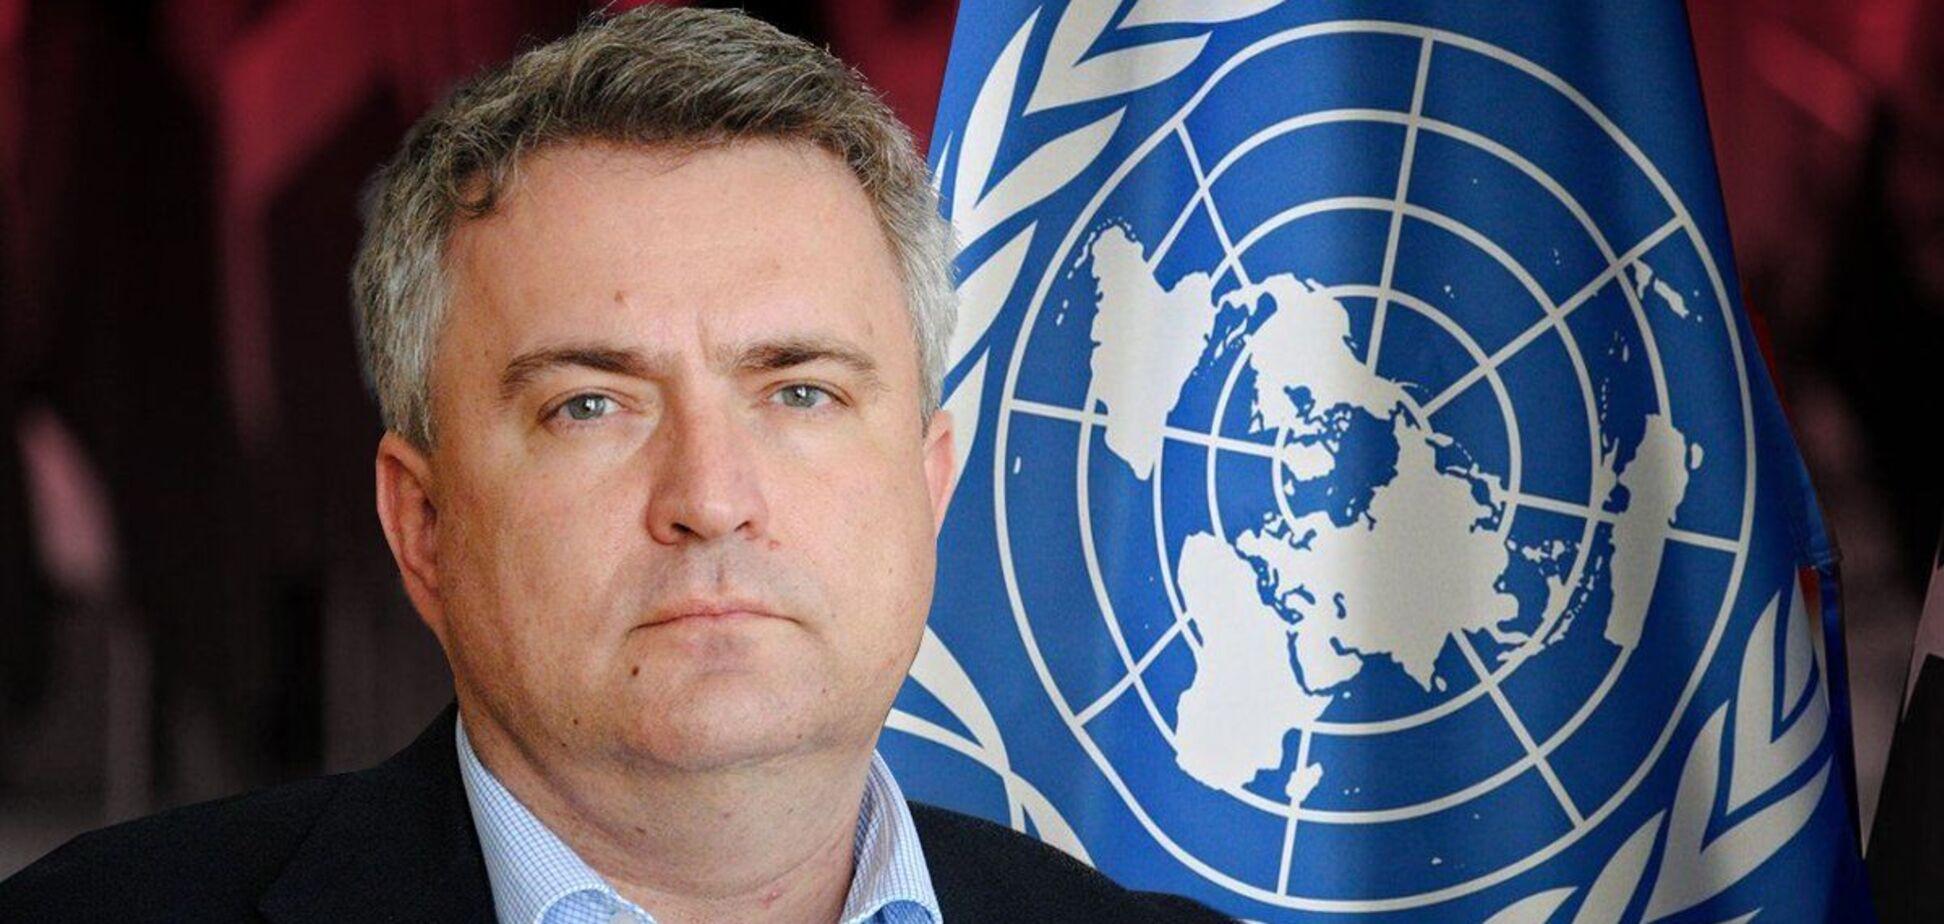 Кислиця анонсував засідання Генеральної Асамблеї ООН